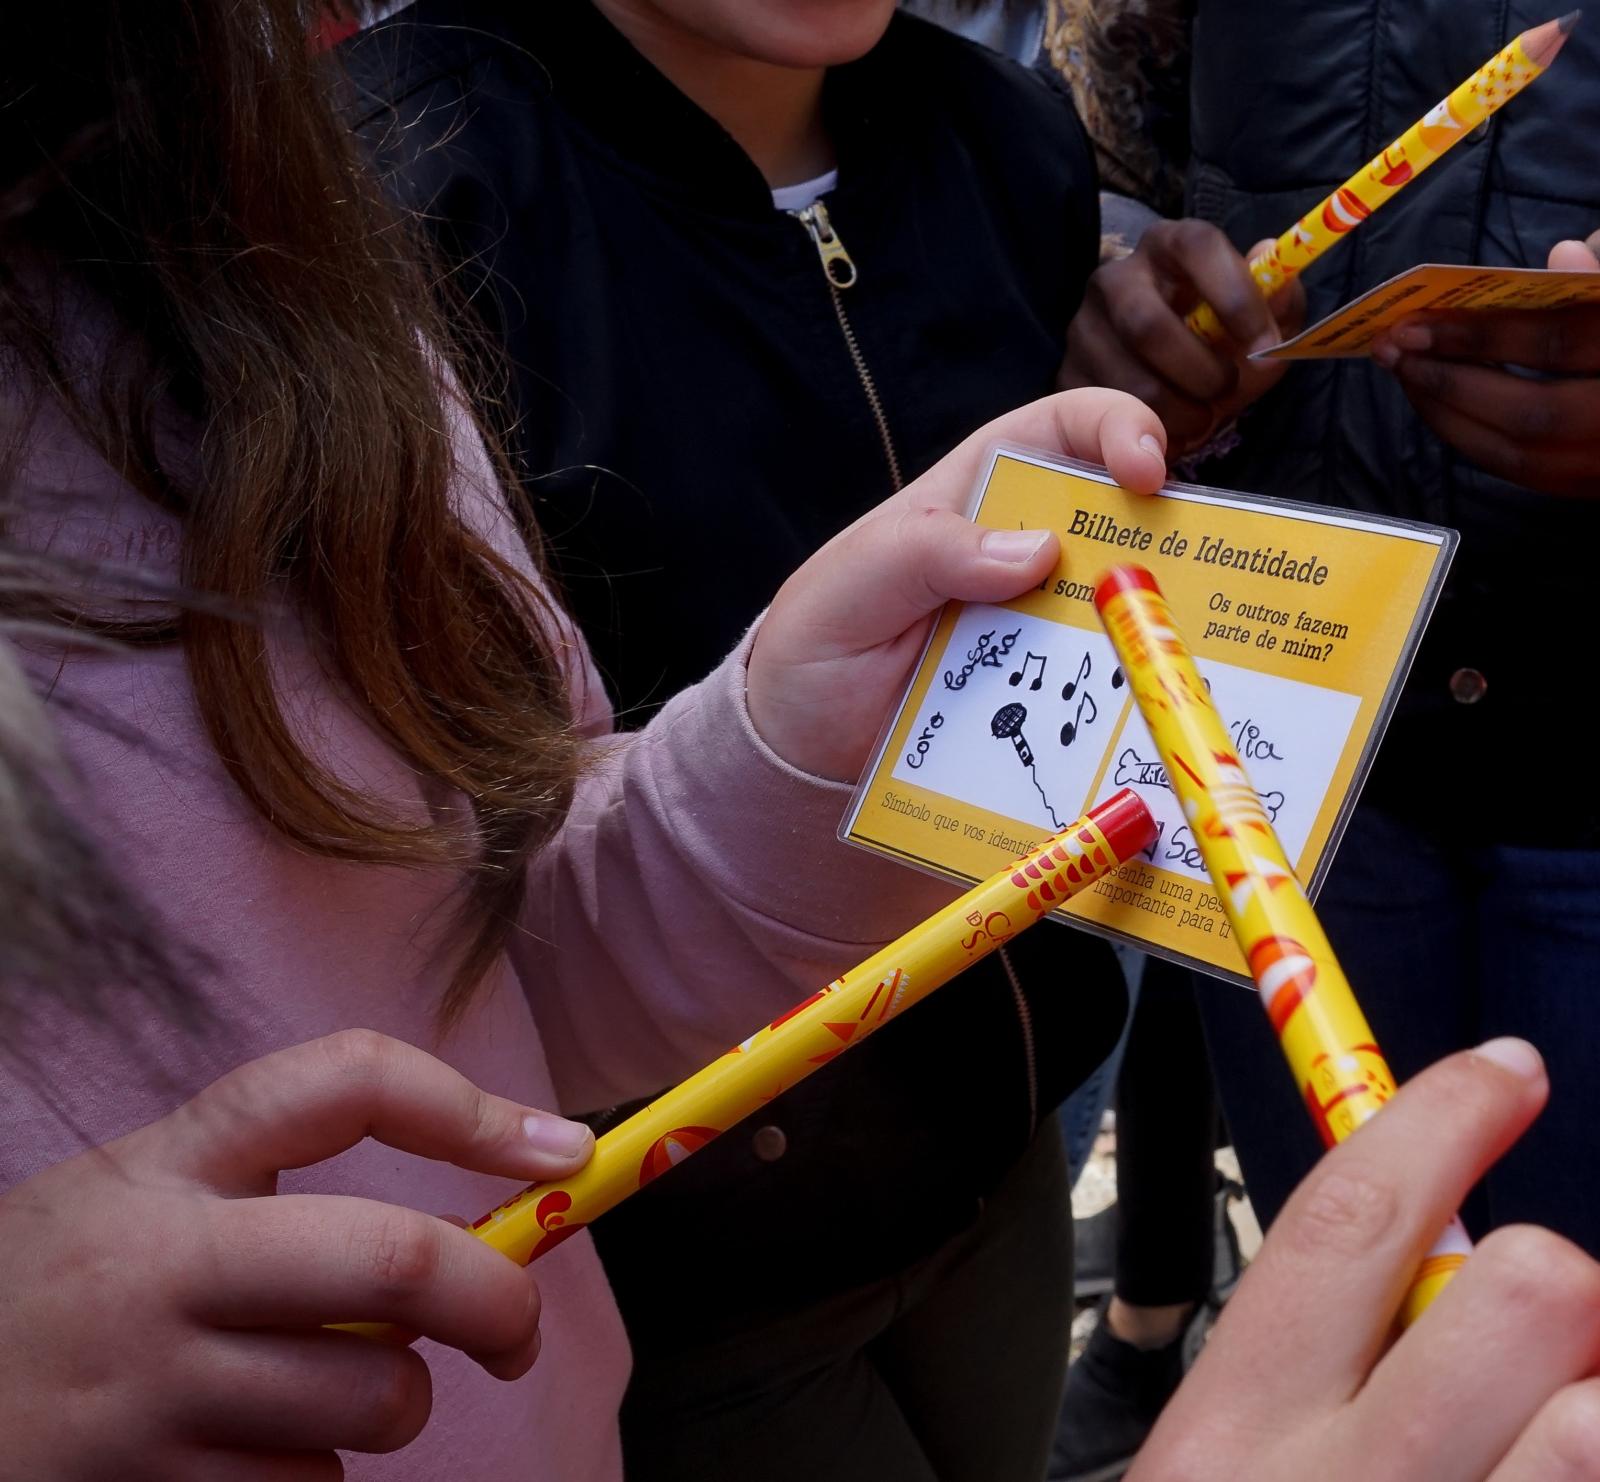 Criança a segurara cartão e lápis durante uma atividade